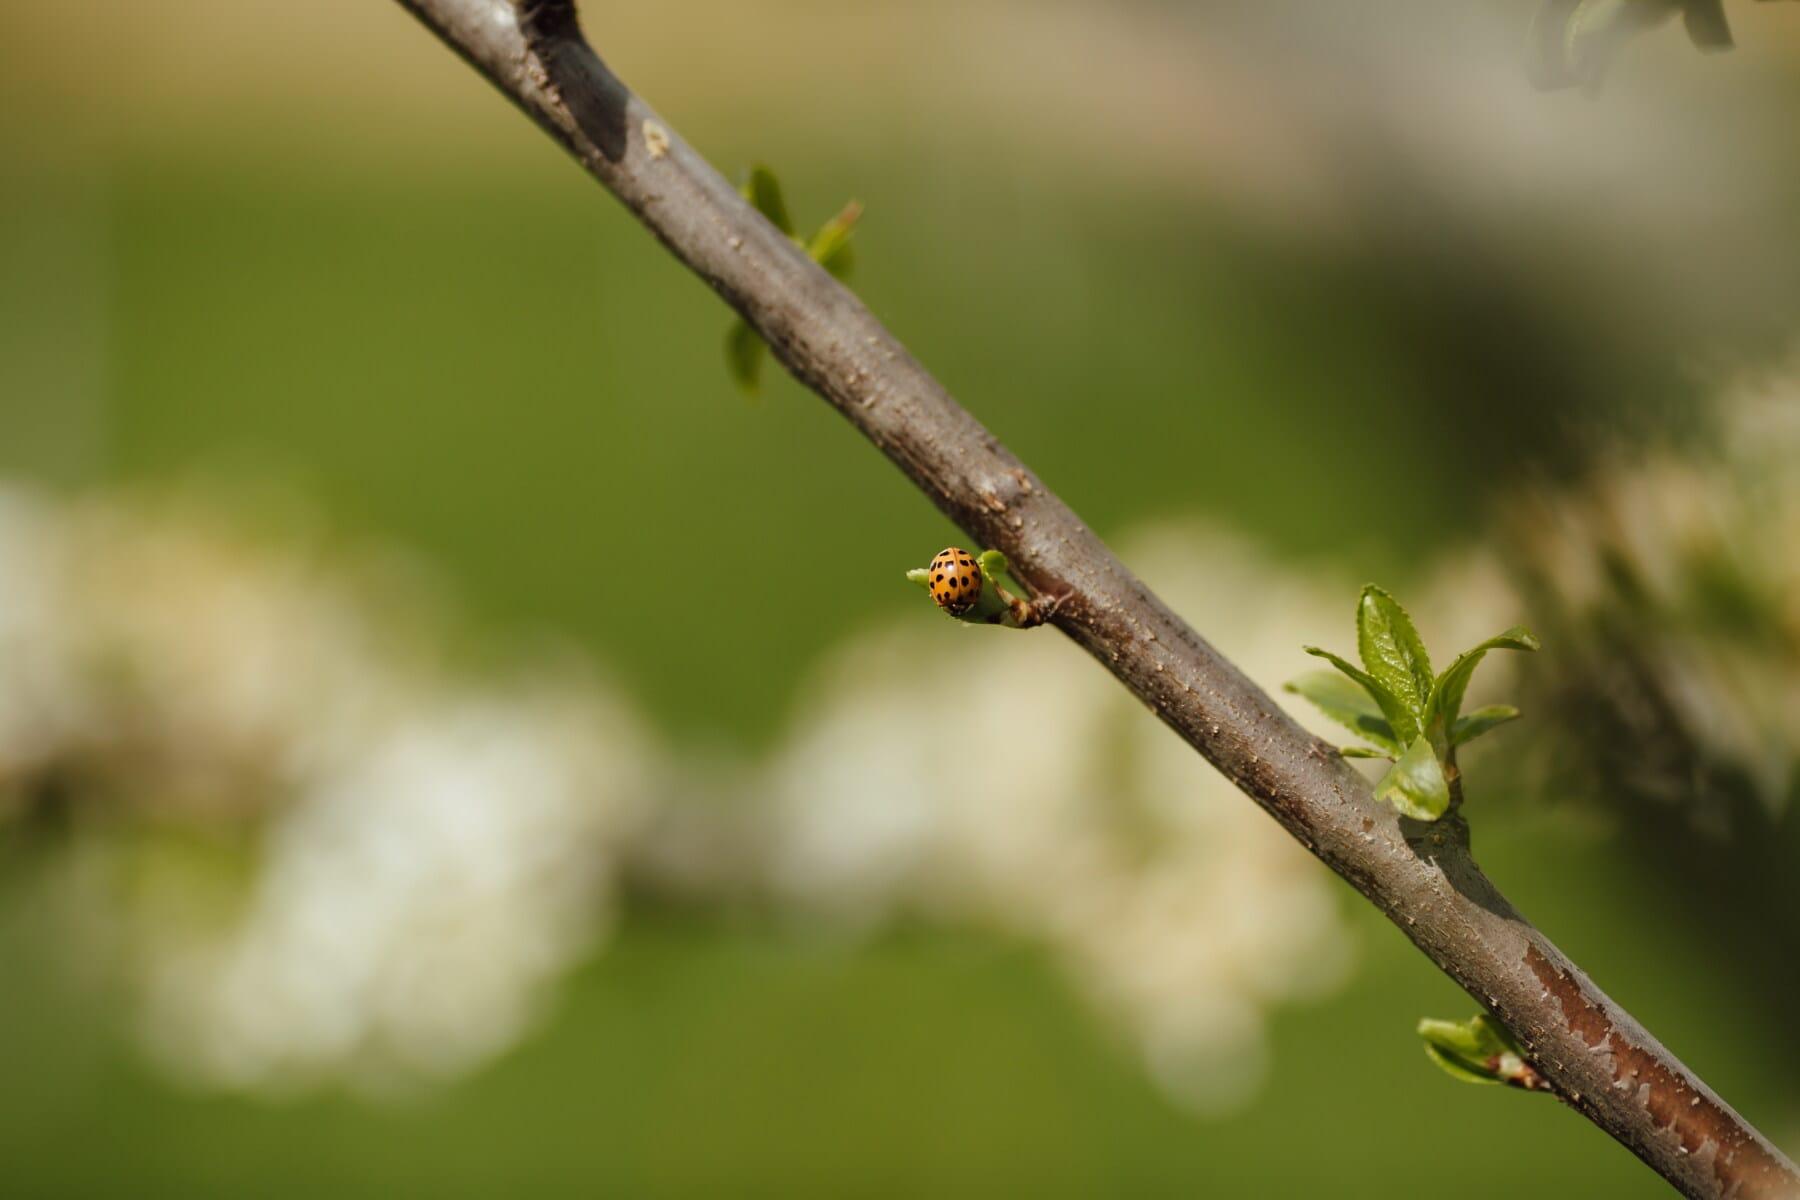 เต่าทอง, สีส้มสีเหลือง, ด้วง, ขนาดเล็ก, แมลง, ธรรมชาติ, สาขา, ต้นไม้, กิจกรรมกลางแจ้ง, เบลอ